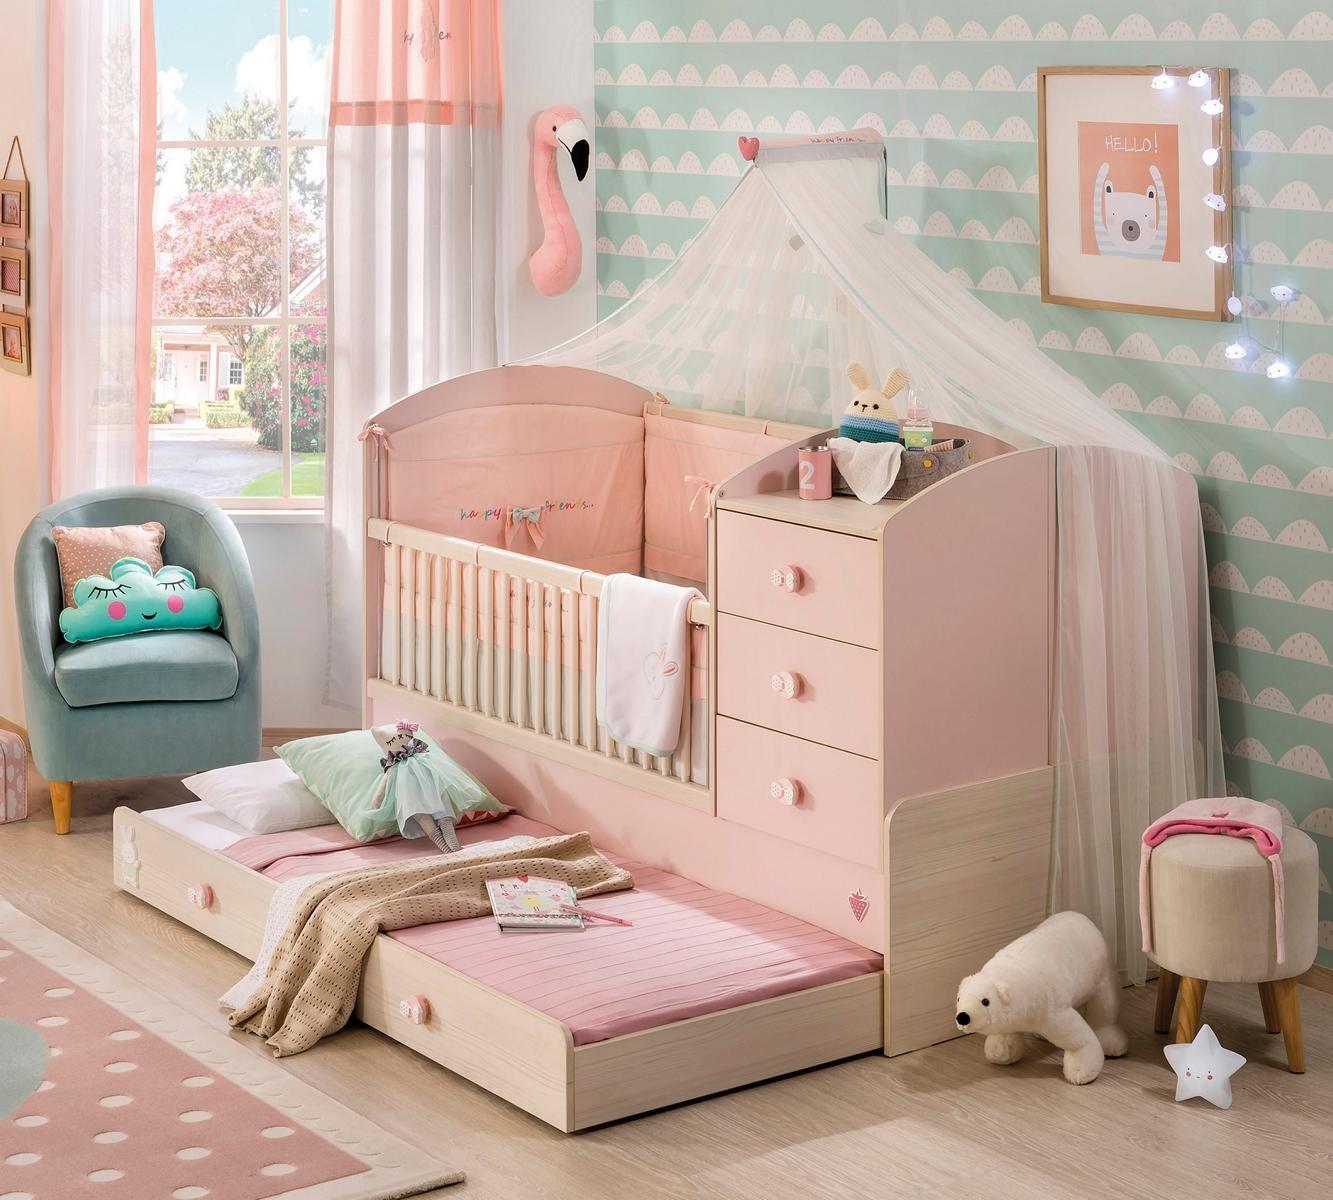 Babykamer roze babybed ledikant meegroeibed | 4 in 1 Specialist in ...